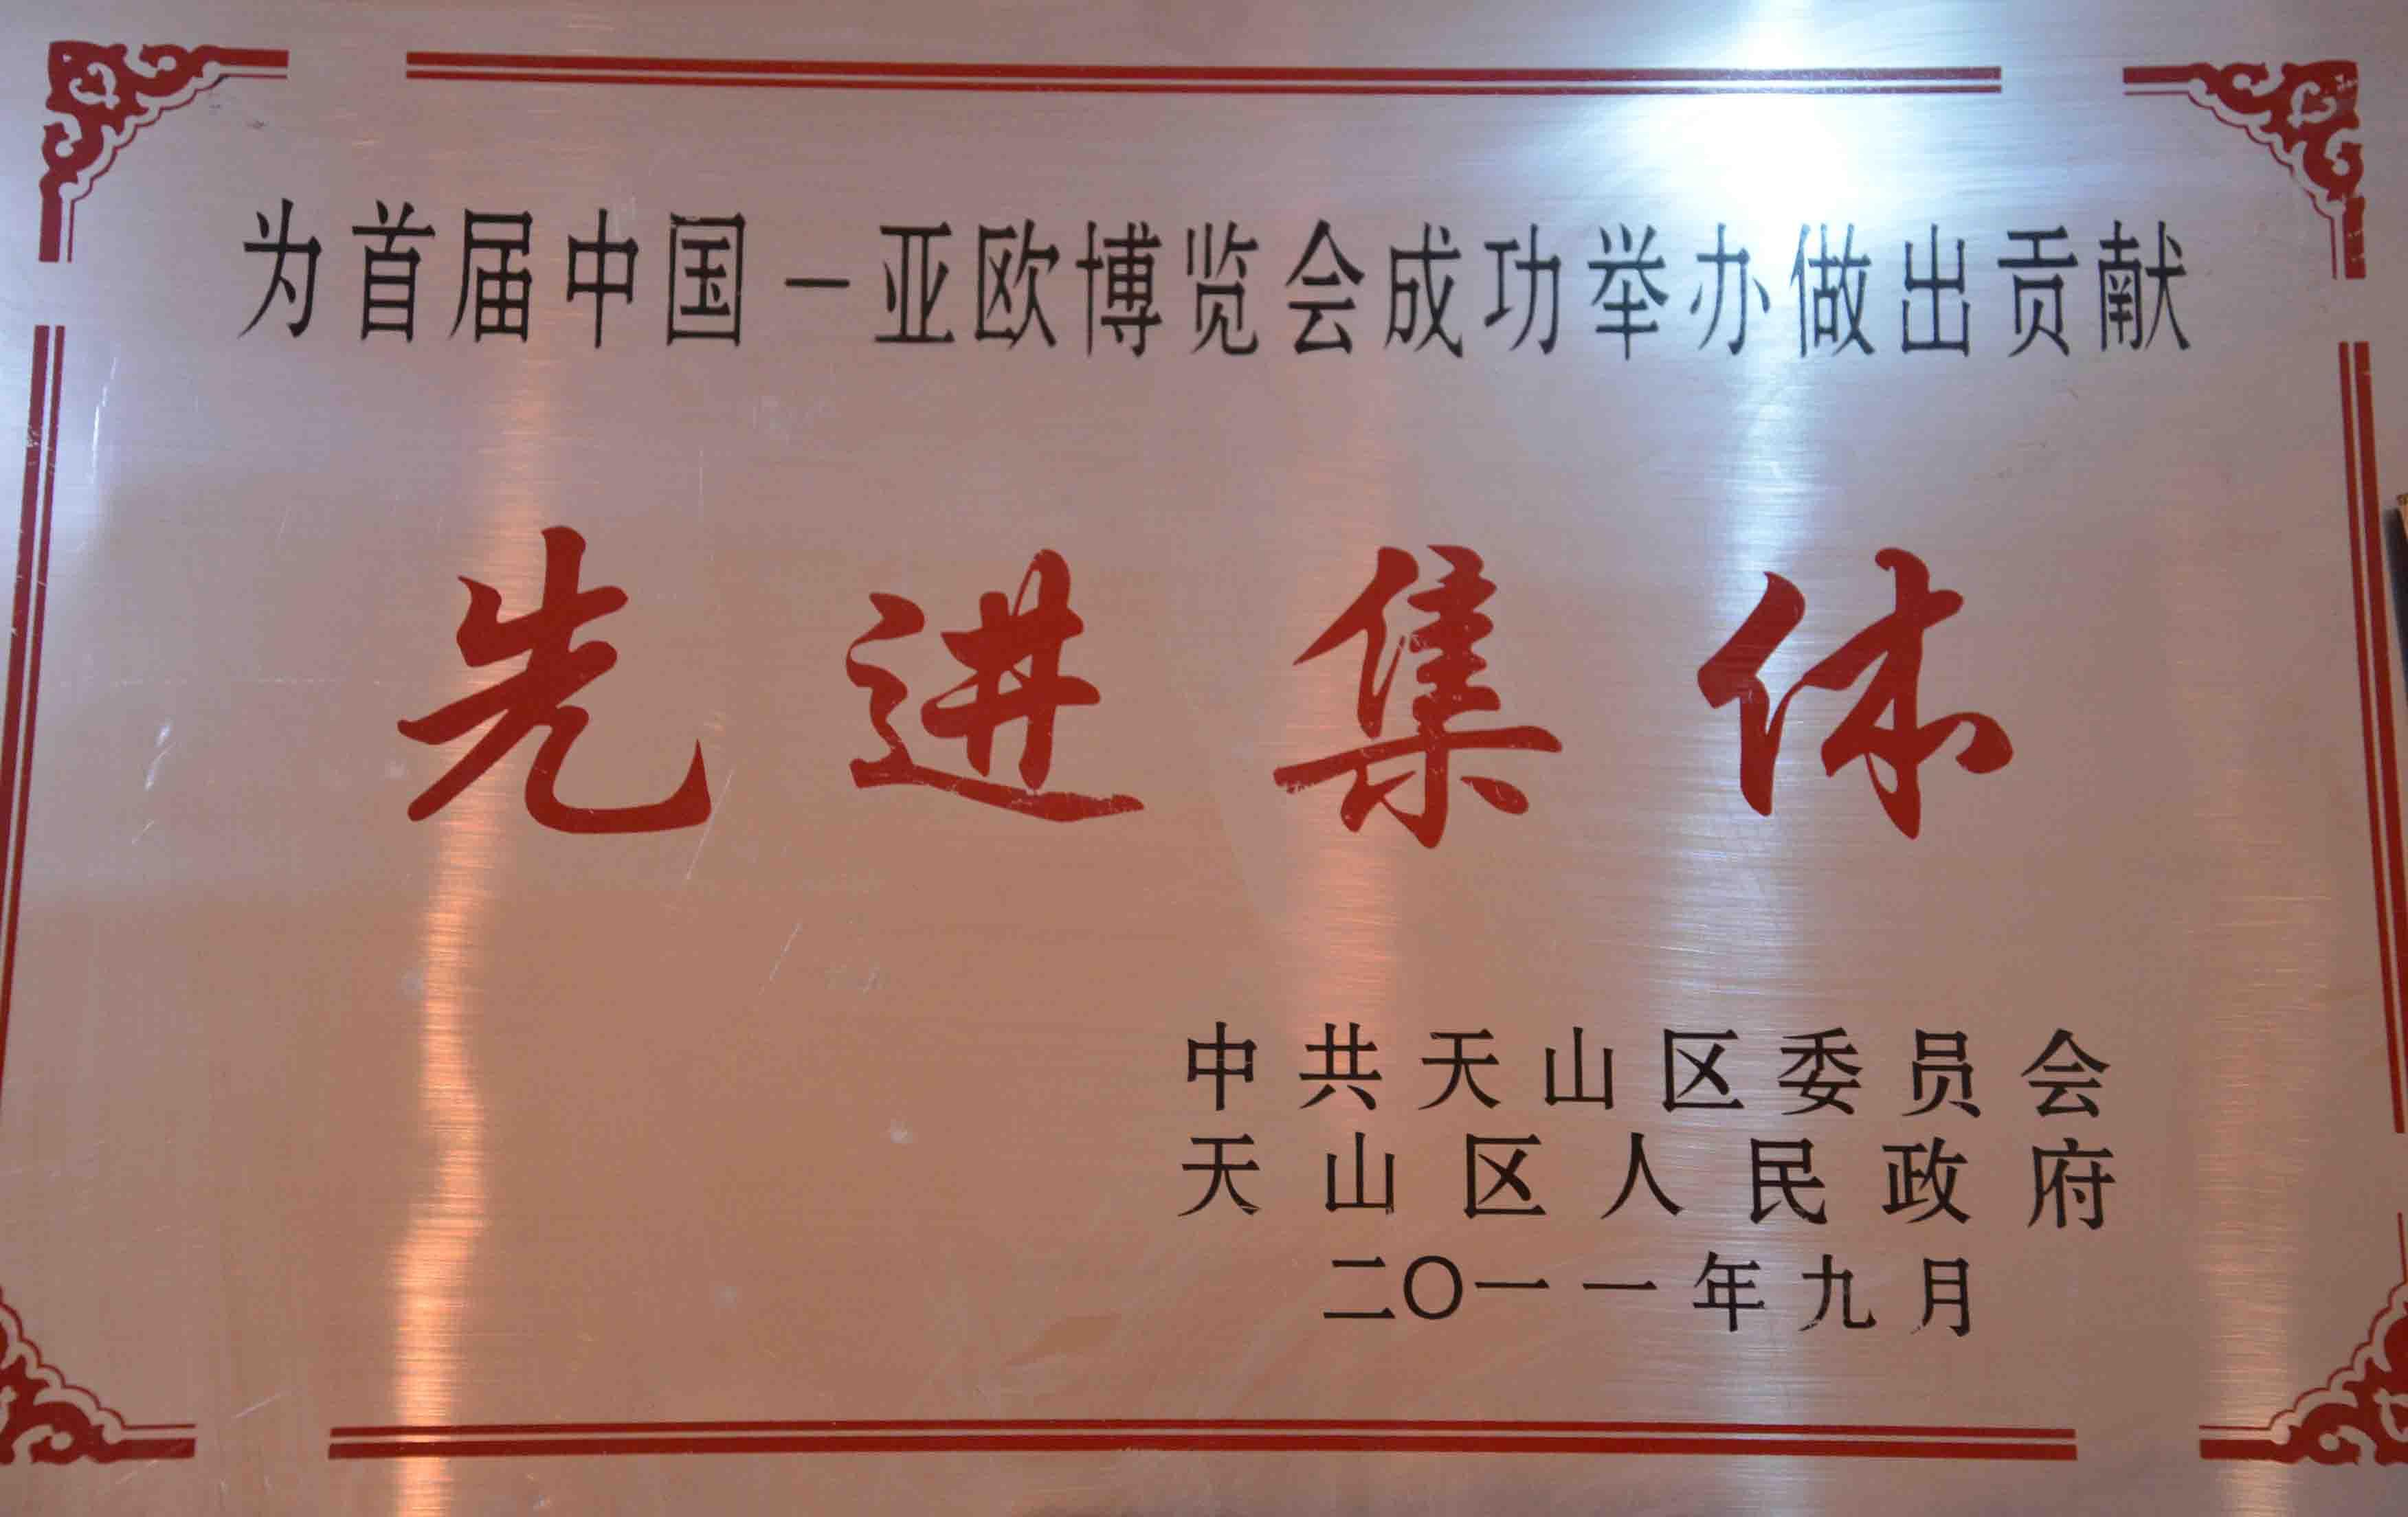 2011年度为首届中国亚欧博览会做出贡献先进集体